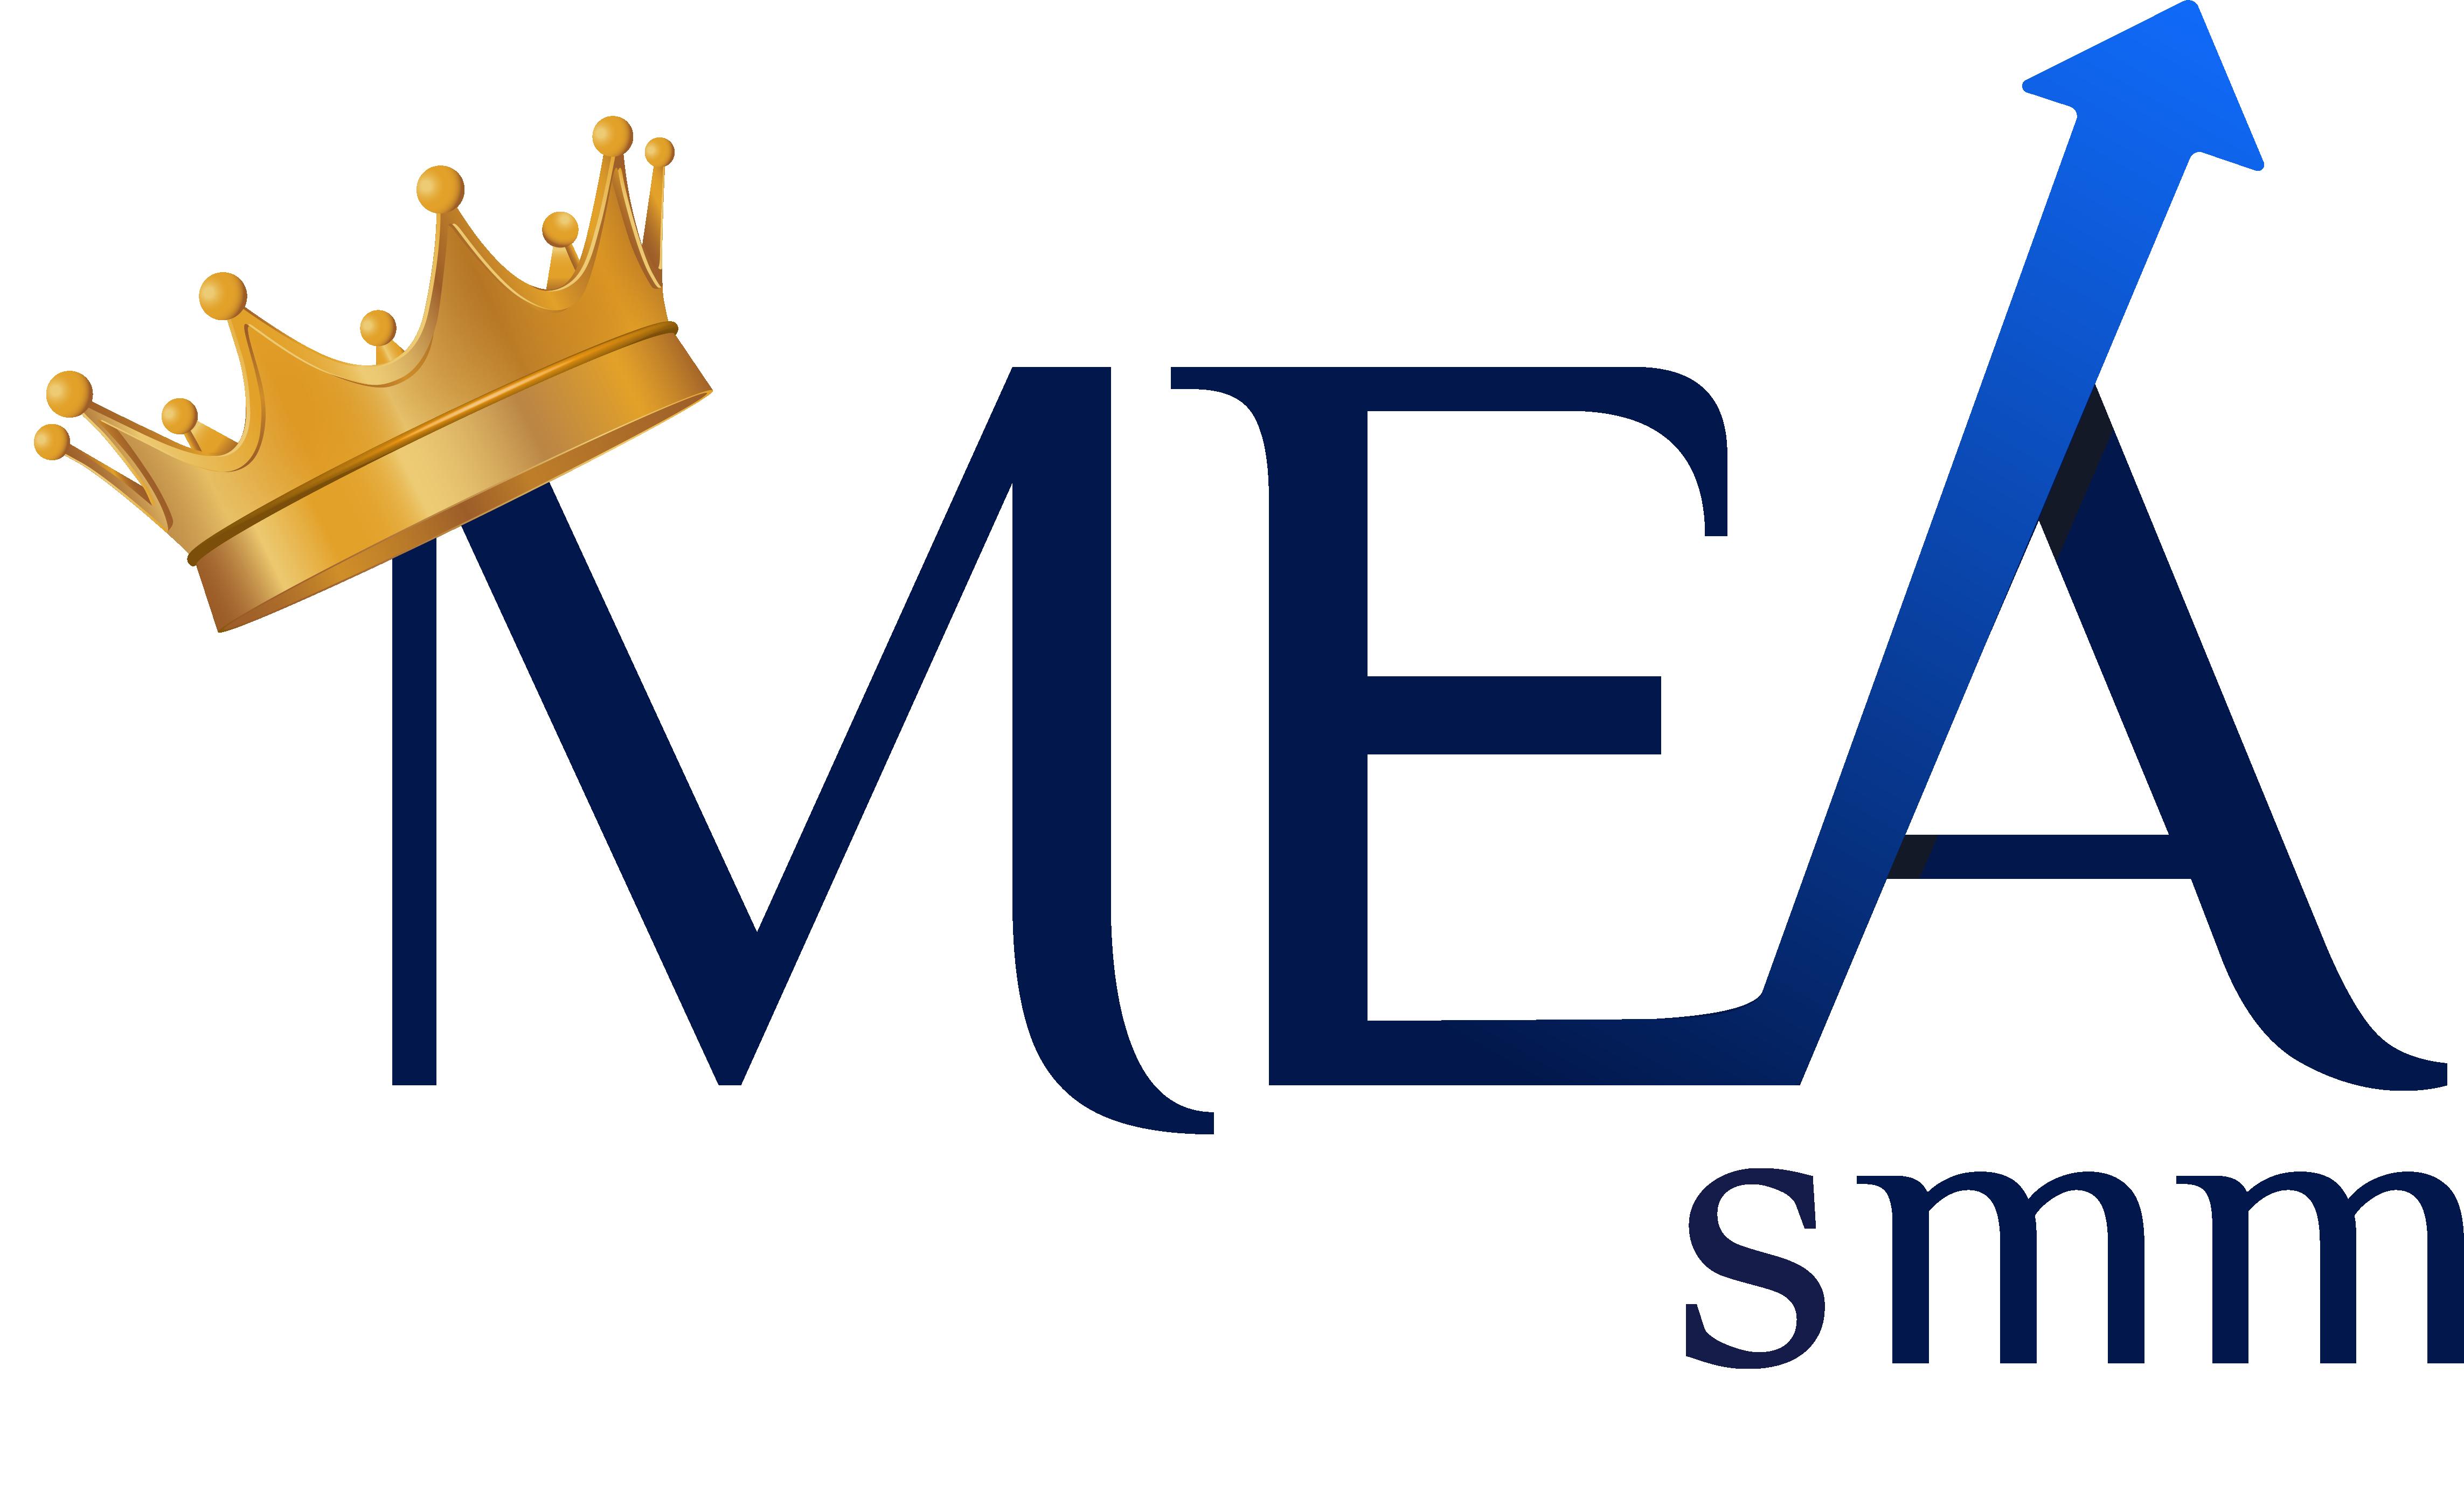 measmm.com